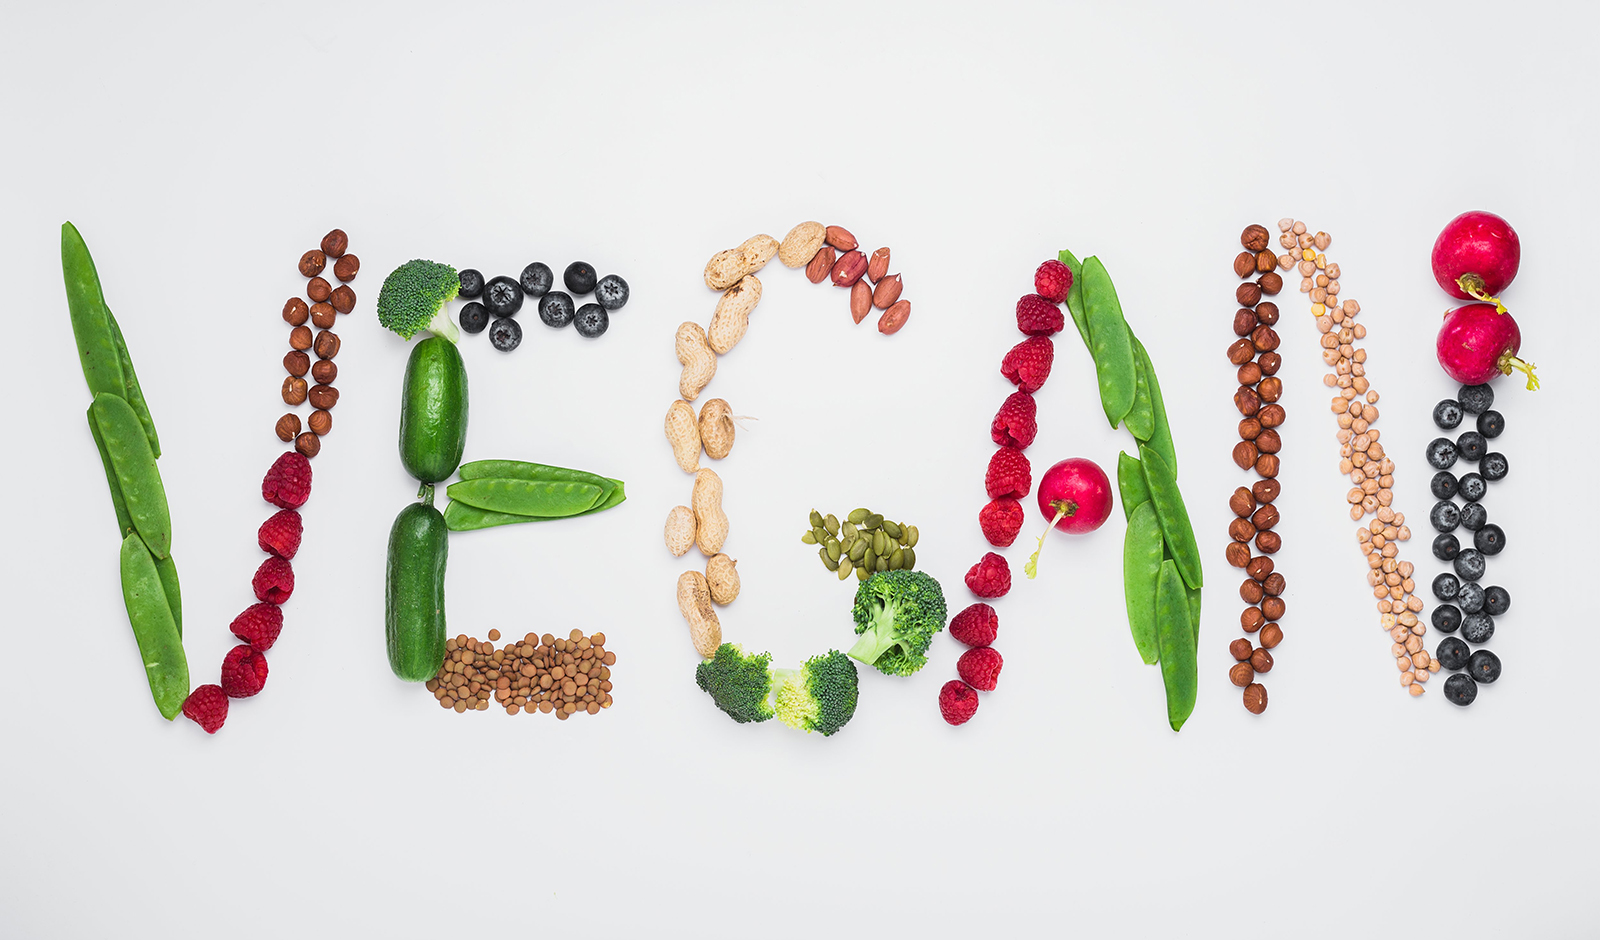 healthiest-veggies-to-add-to-a-vegan-diet